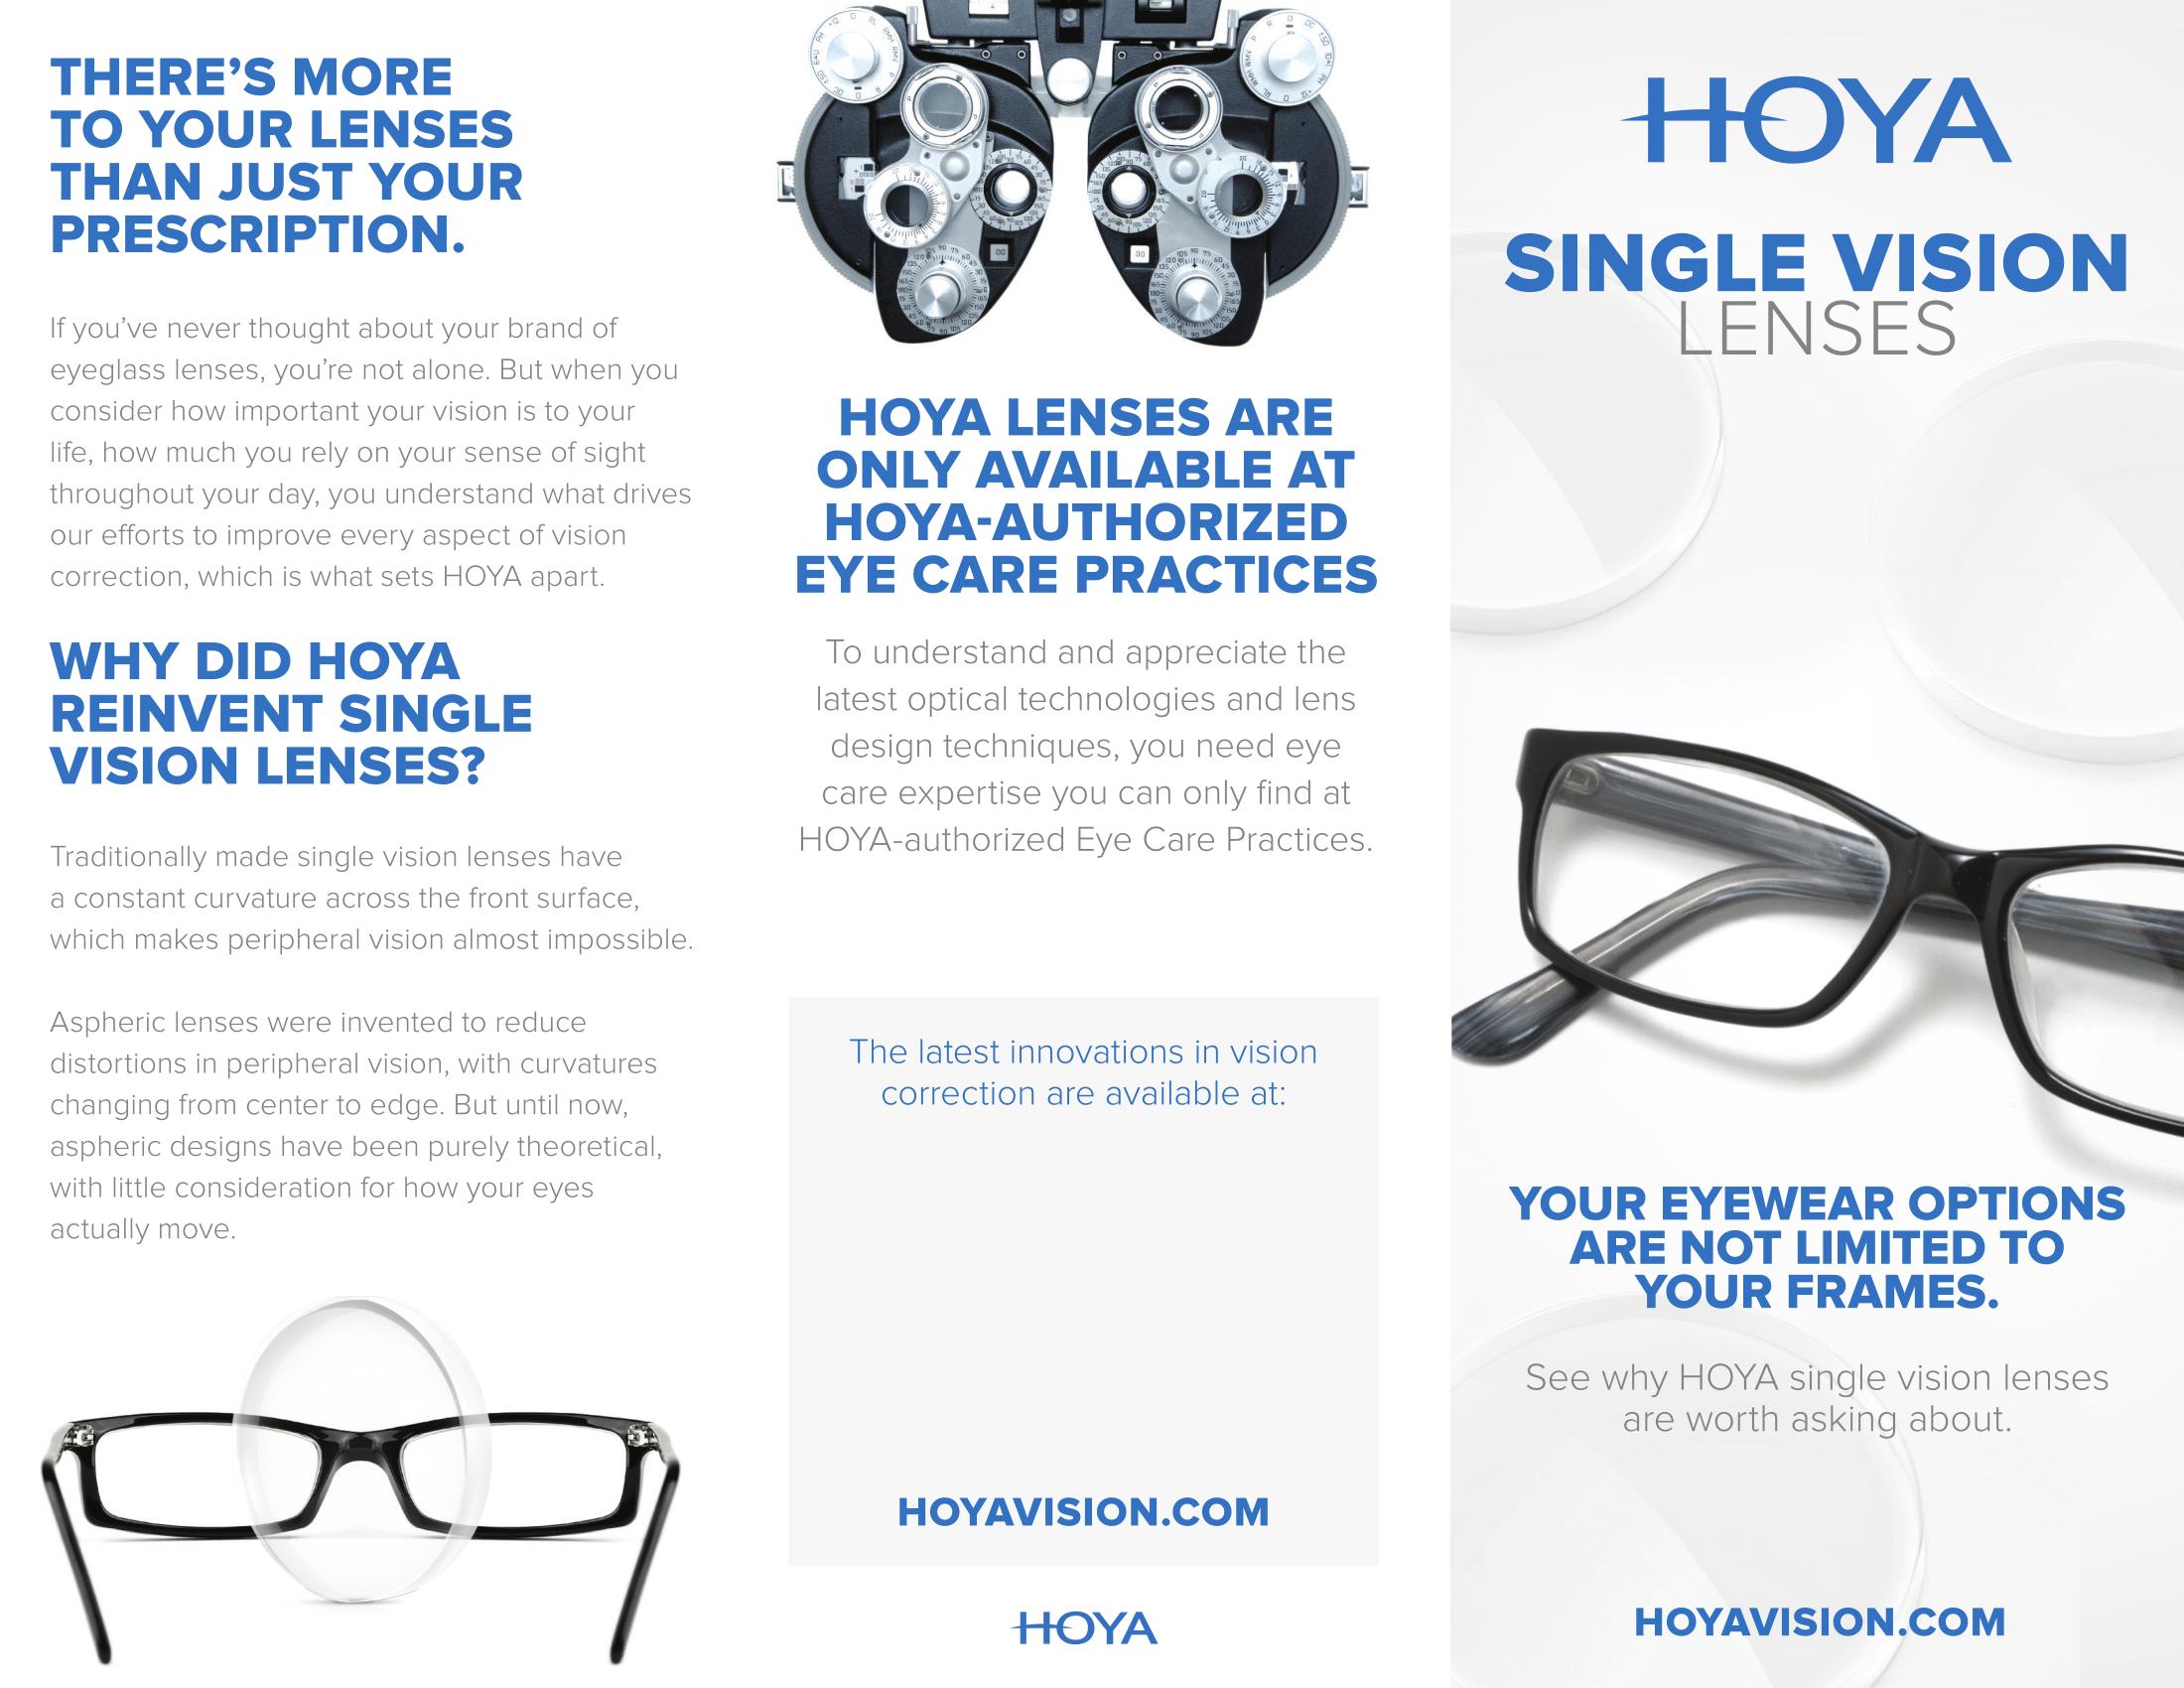 HOYA Single Vision Lens